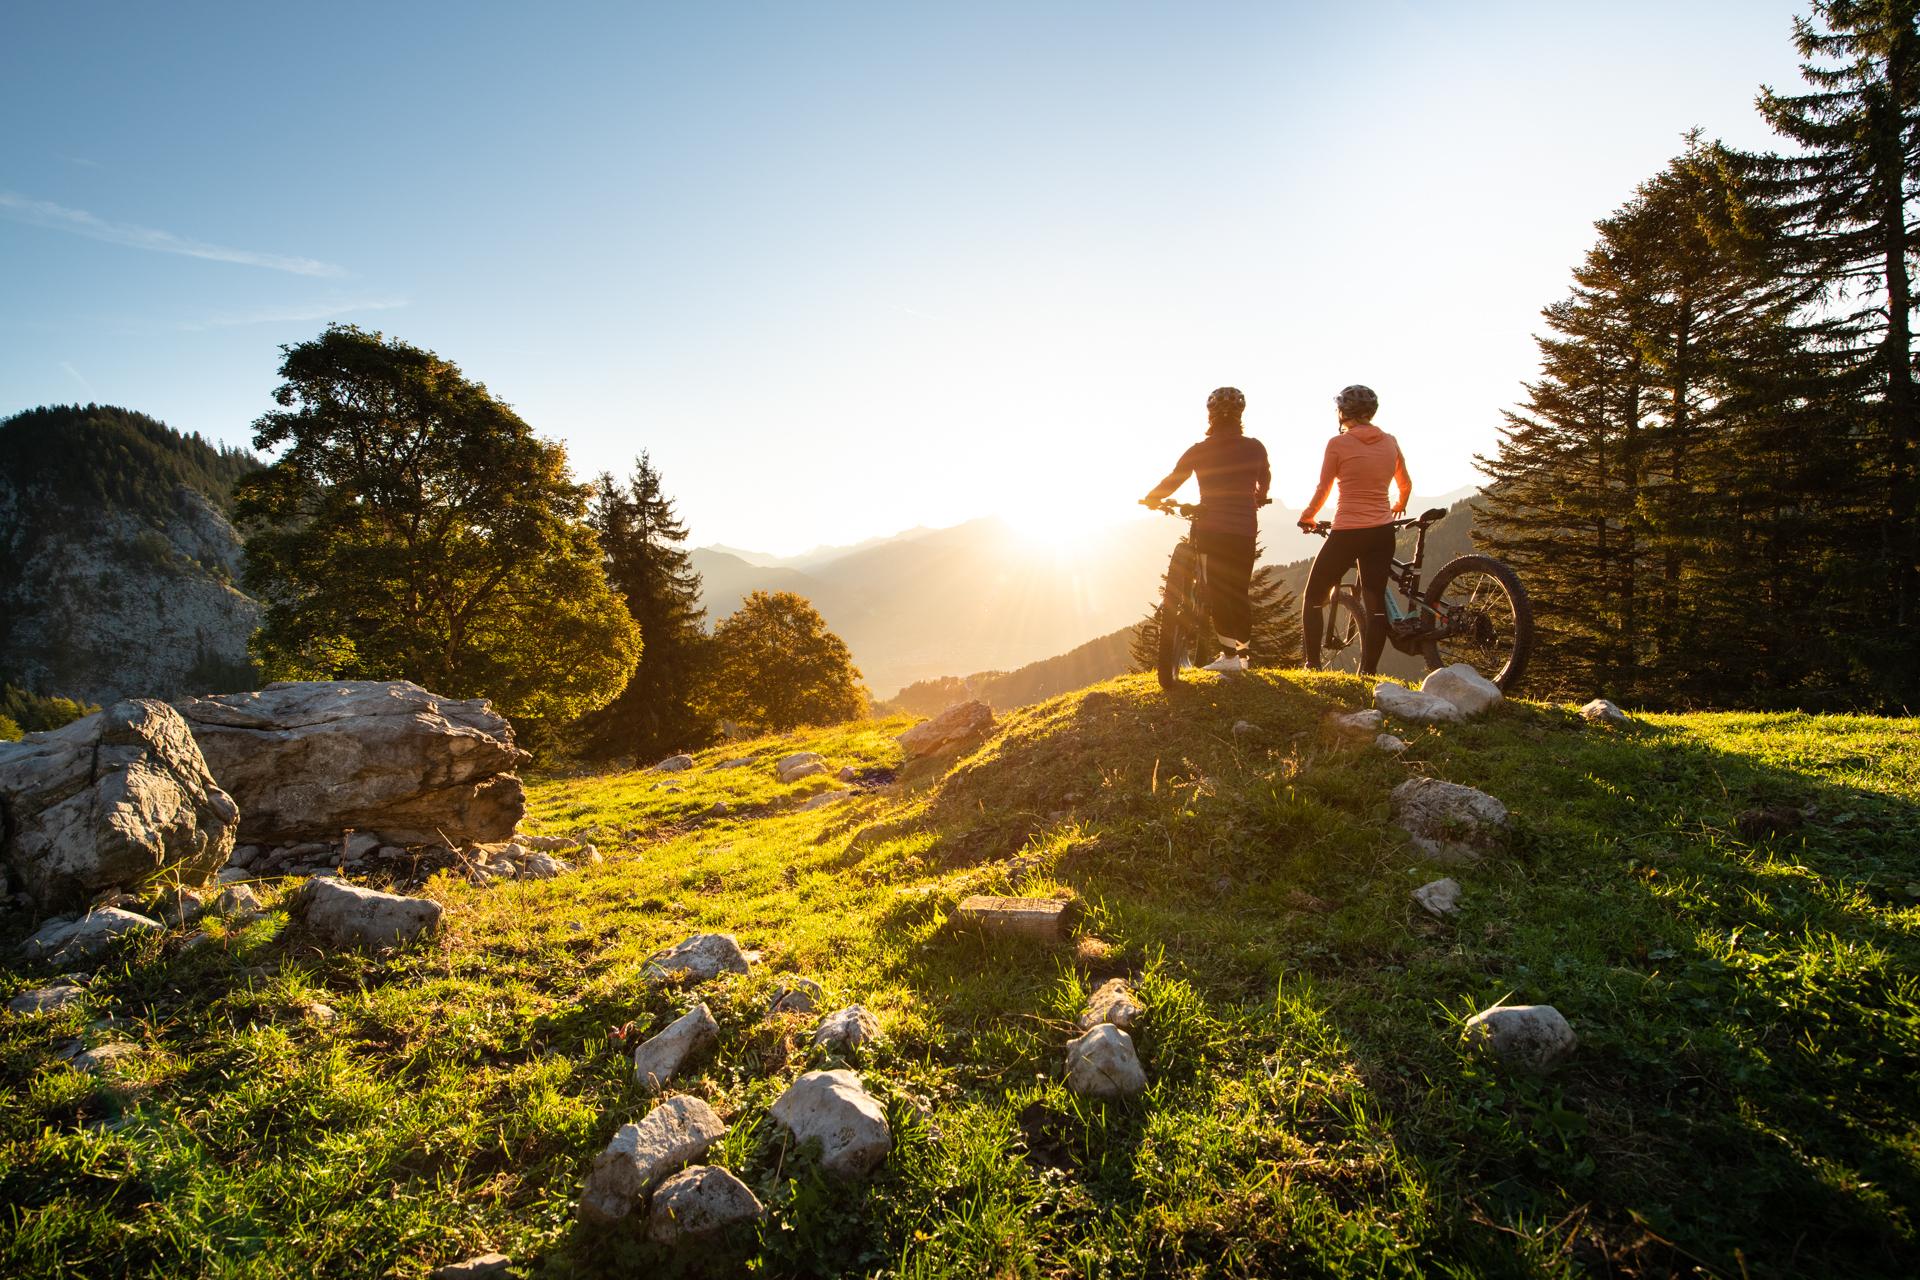 Les plus beaux itinéraires pour e-bike en Suisse romande - E-Bike Park de Torgon